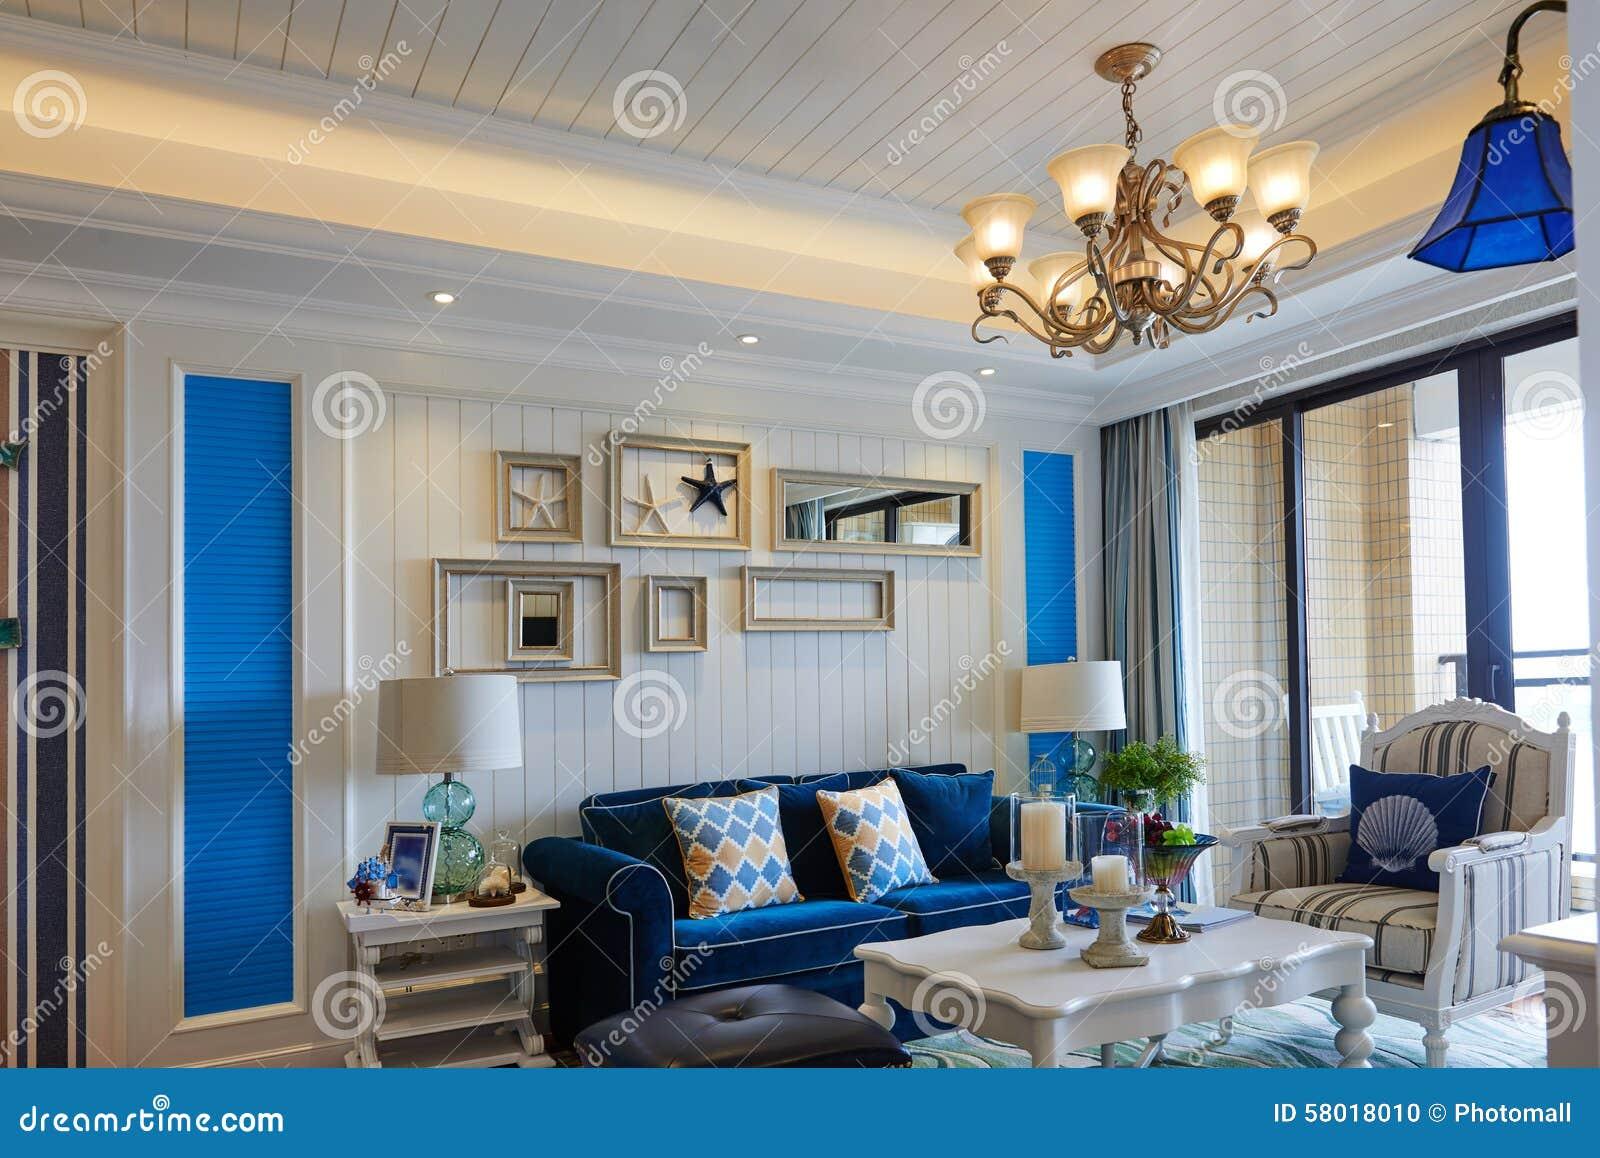 salon de luxe photo stock image du fond cr ateur patrimoine 58018010. Black Bedroom Furniture Sets. Home Design Ideas